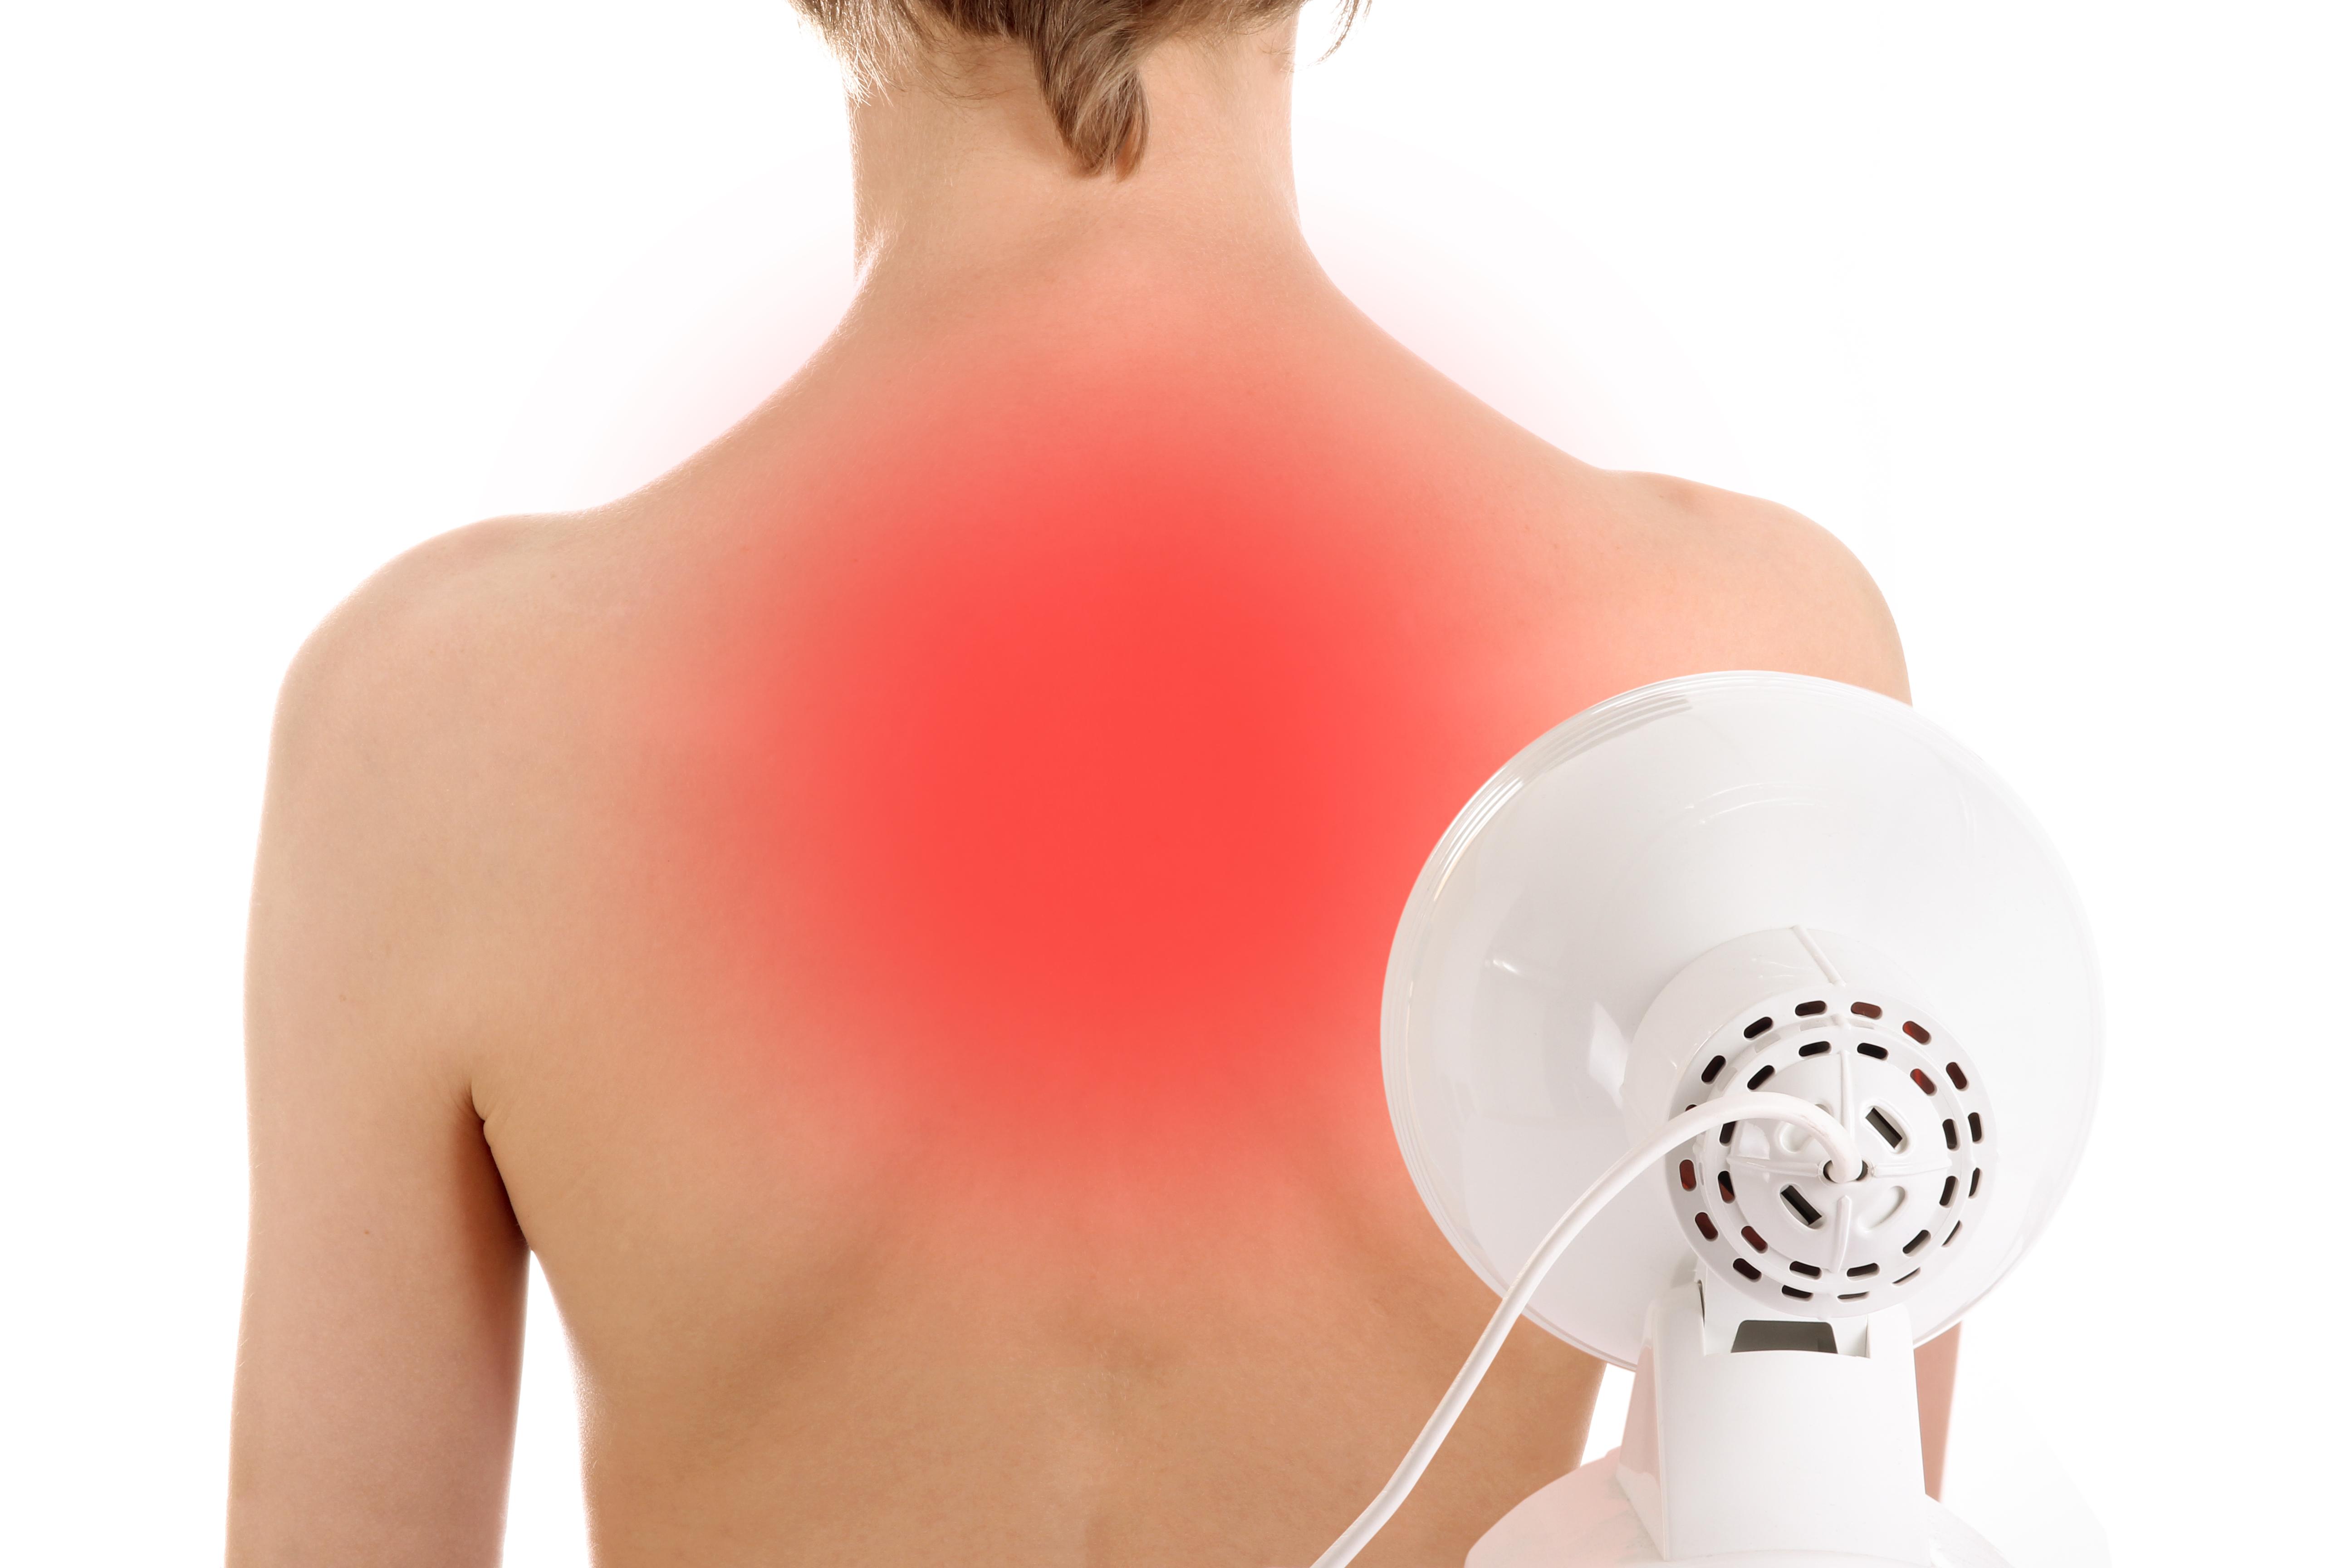 estudio-pildora-para-detectar-cancer-de-mama-salud180